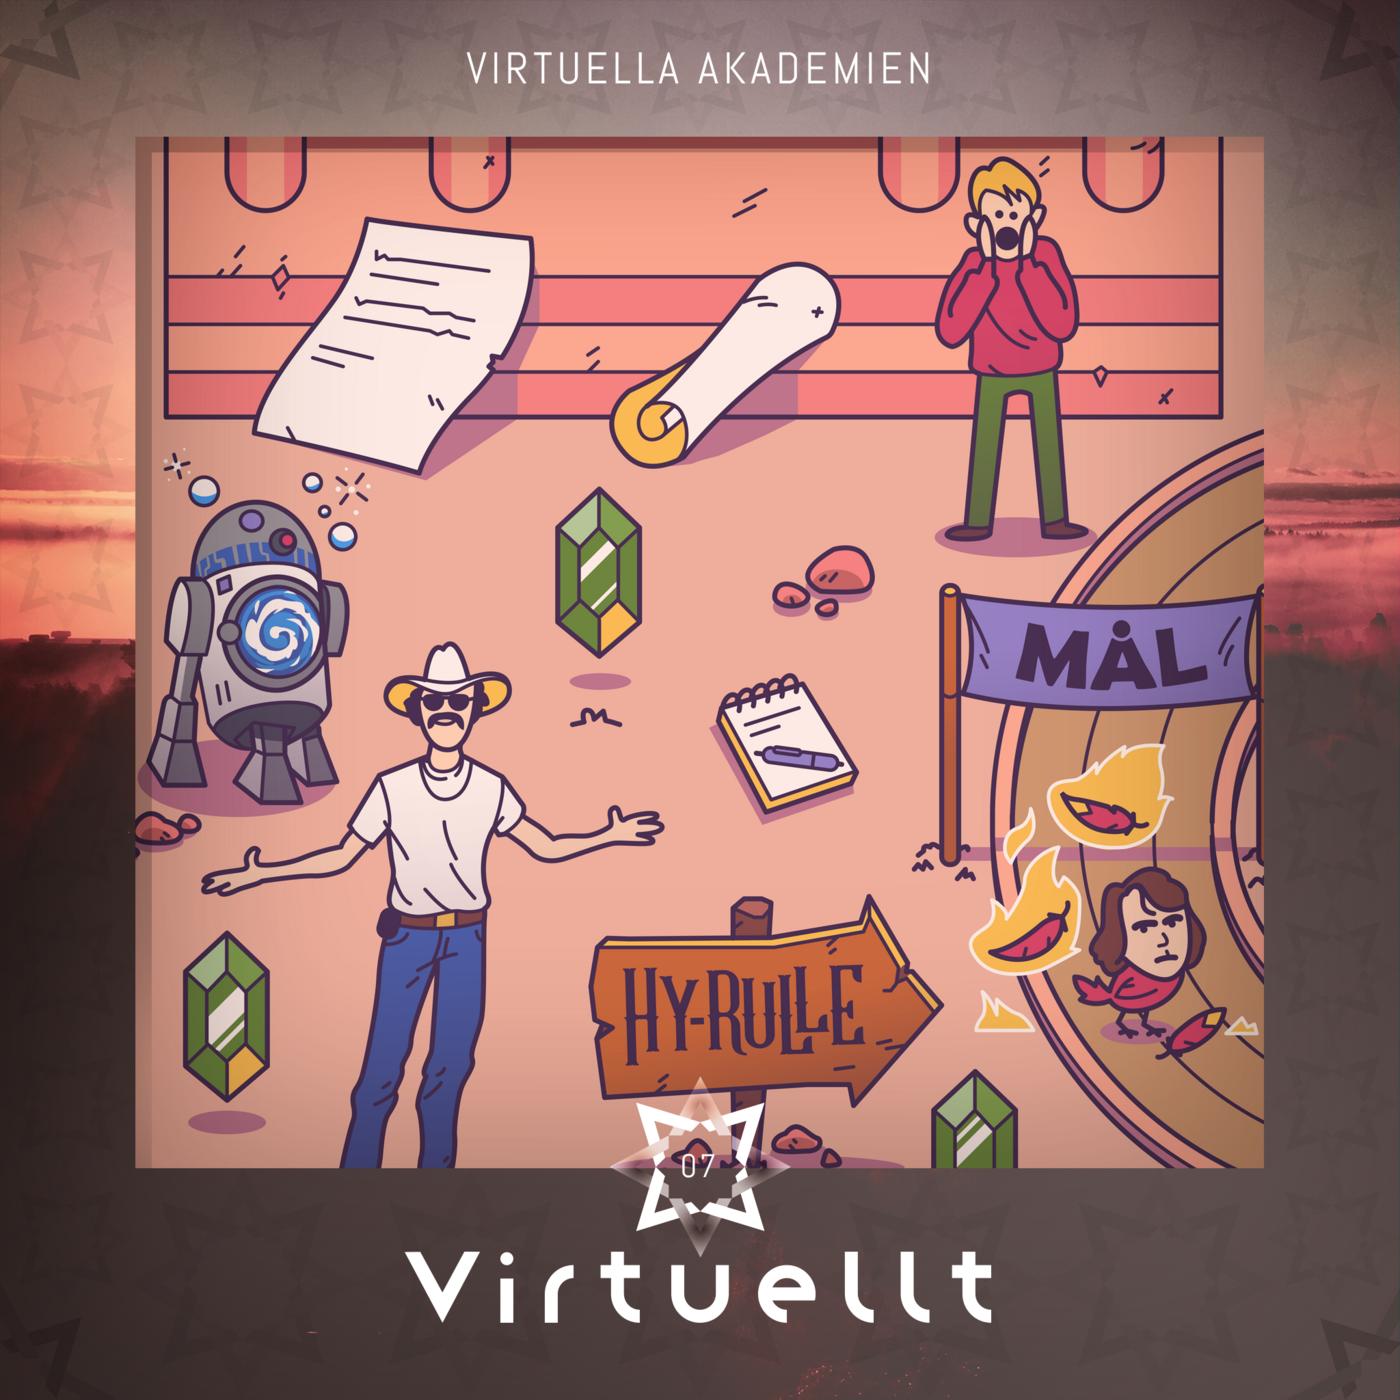 07 - Virtuella Akademien